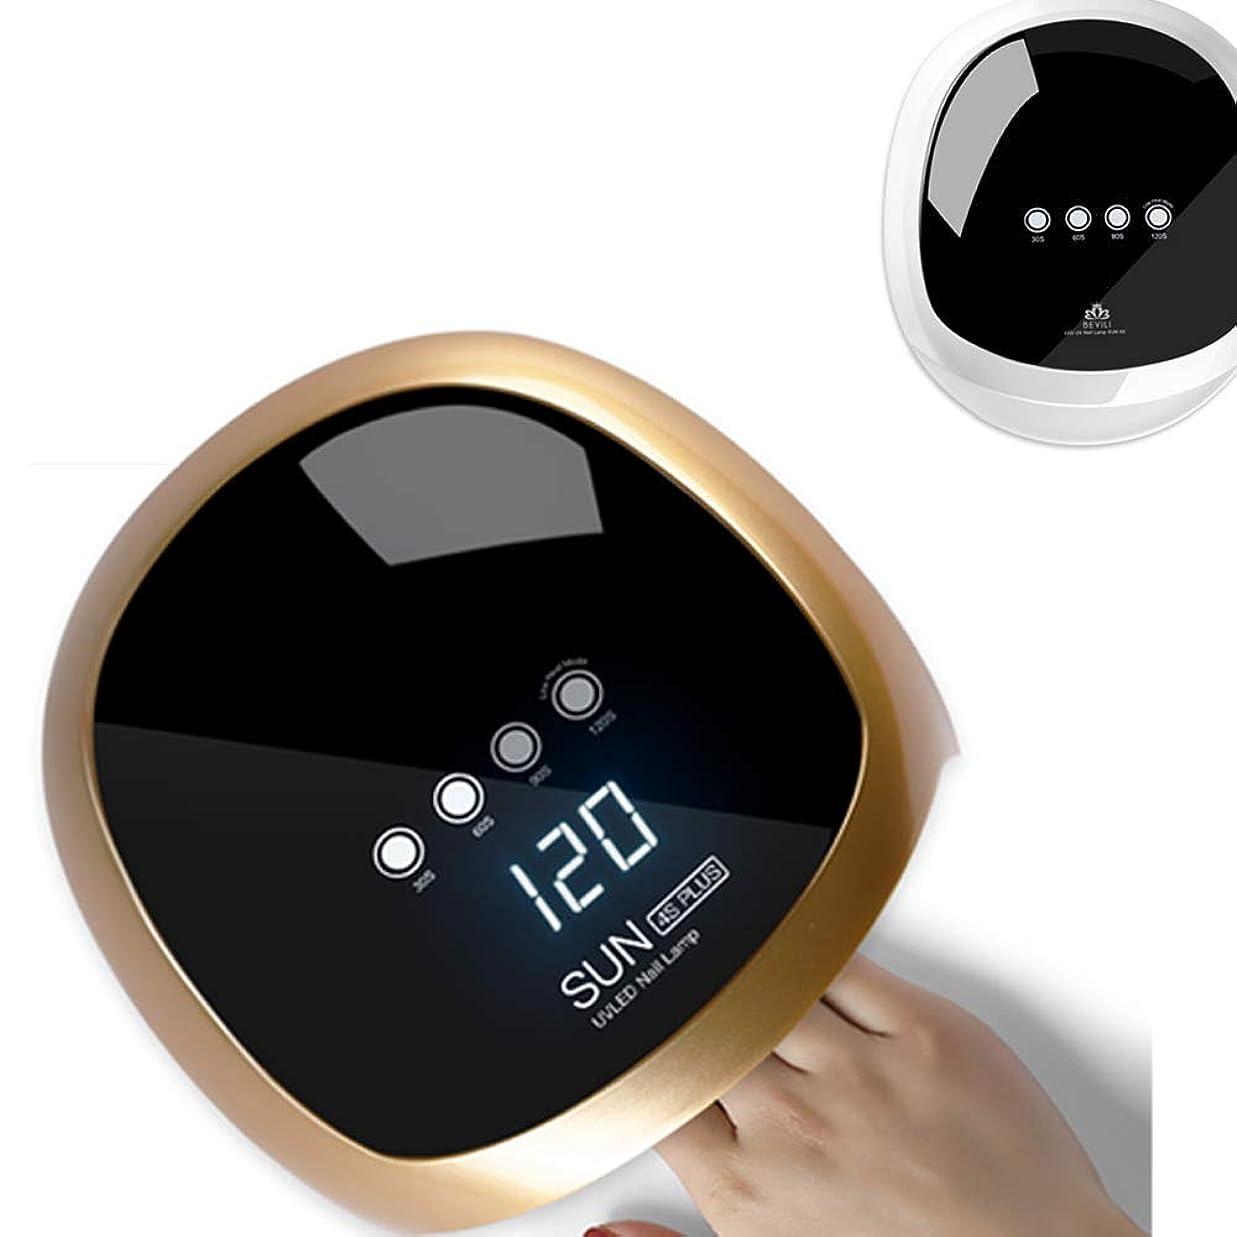 ステージスラム近傍ジェルネイル UV LED ライト ネイル ネイルドライヤー 赤外線検知 4段階タイマー設定可能 手足兼用 (Gold)